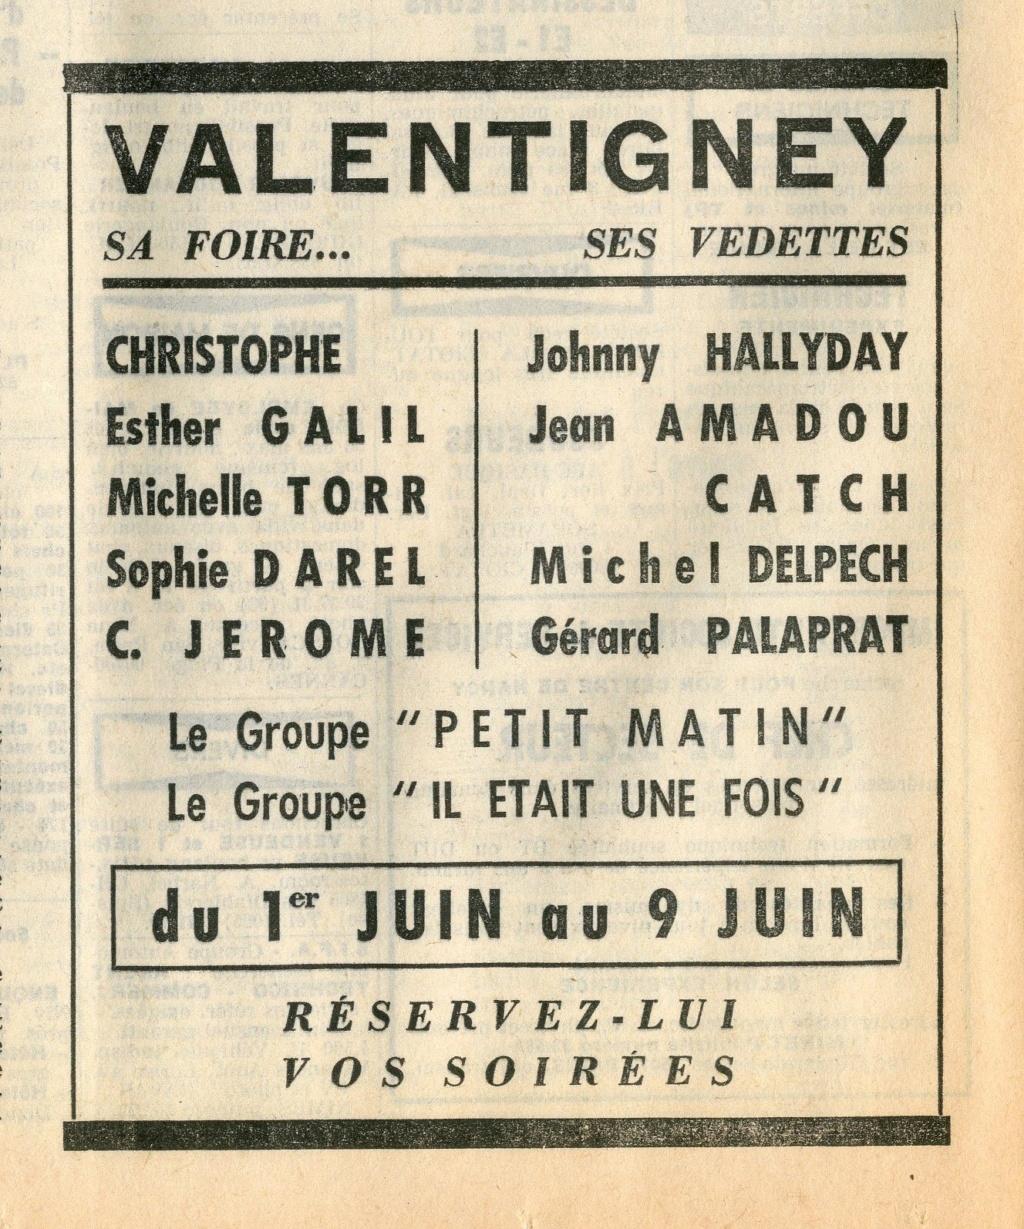 POUR MISE A JOUR VILLES DE TOURNEES DU SITE 1974_v13